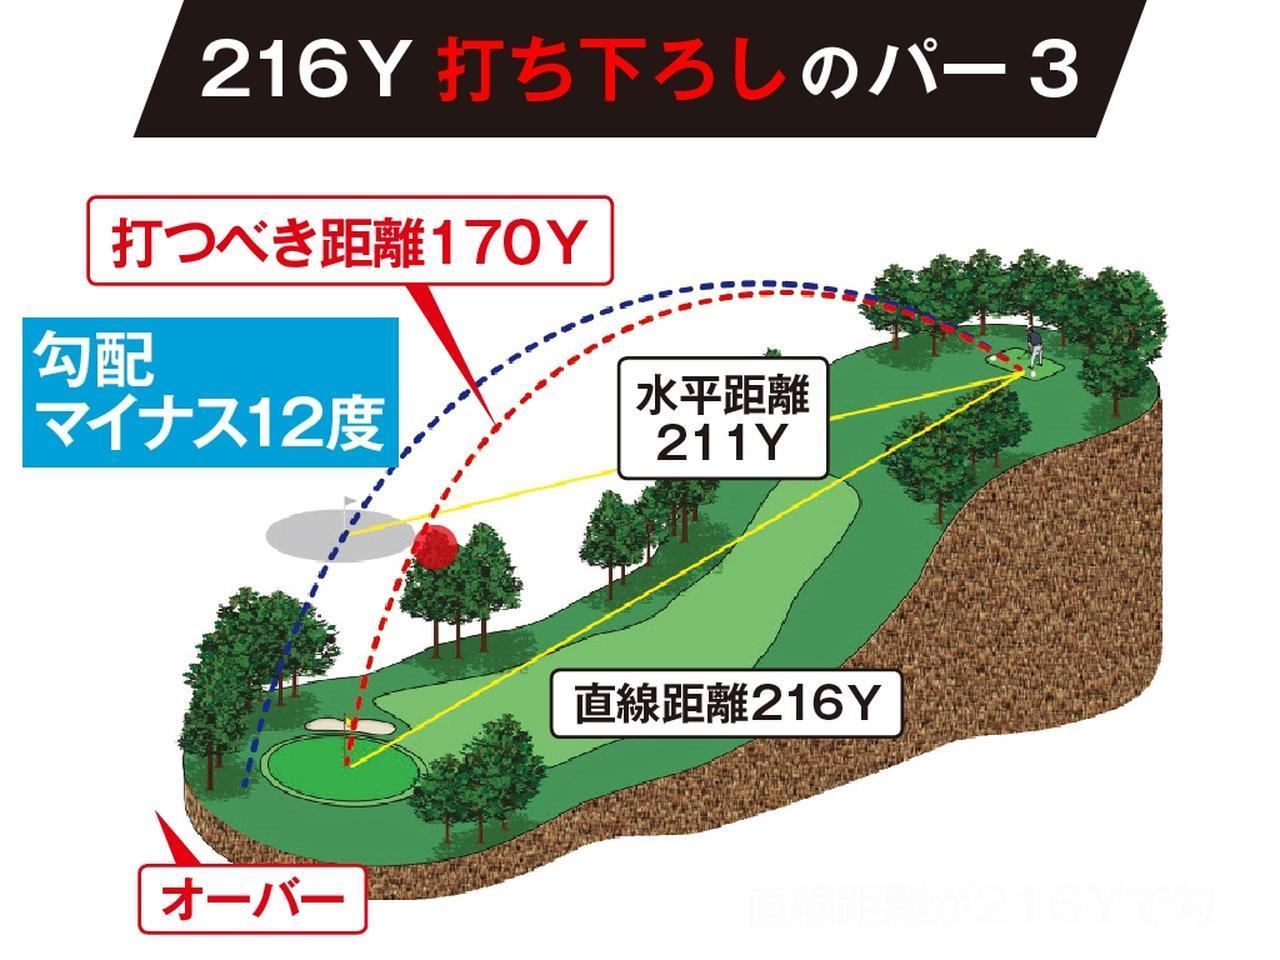 画像4: 目標物までの正確な距離がわかる レーザー式